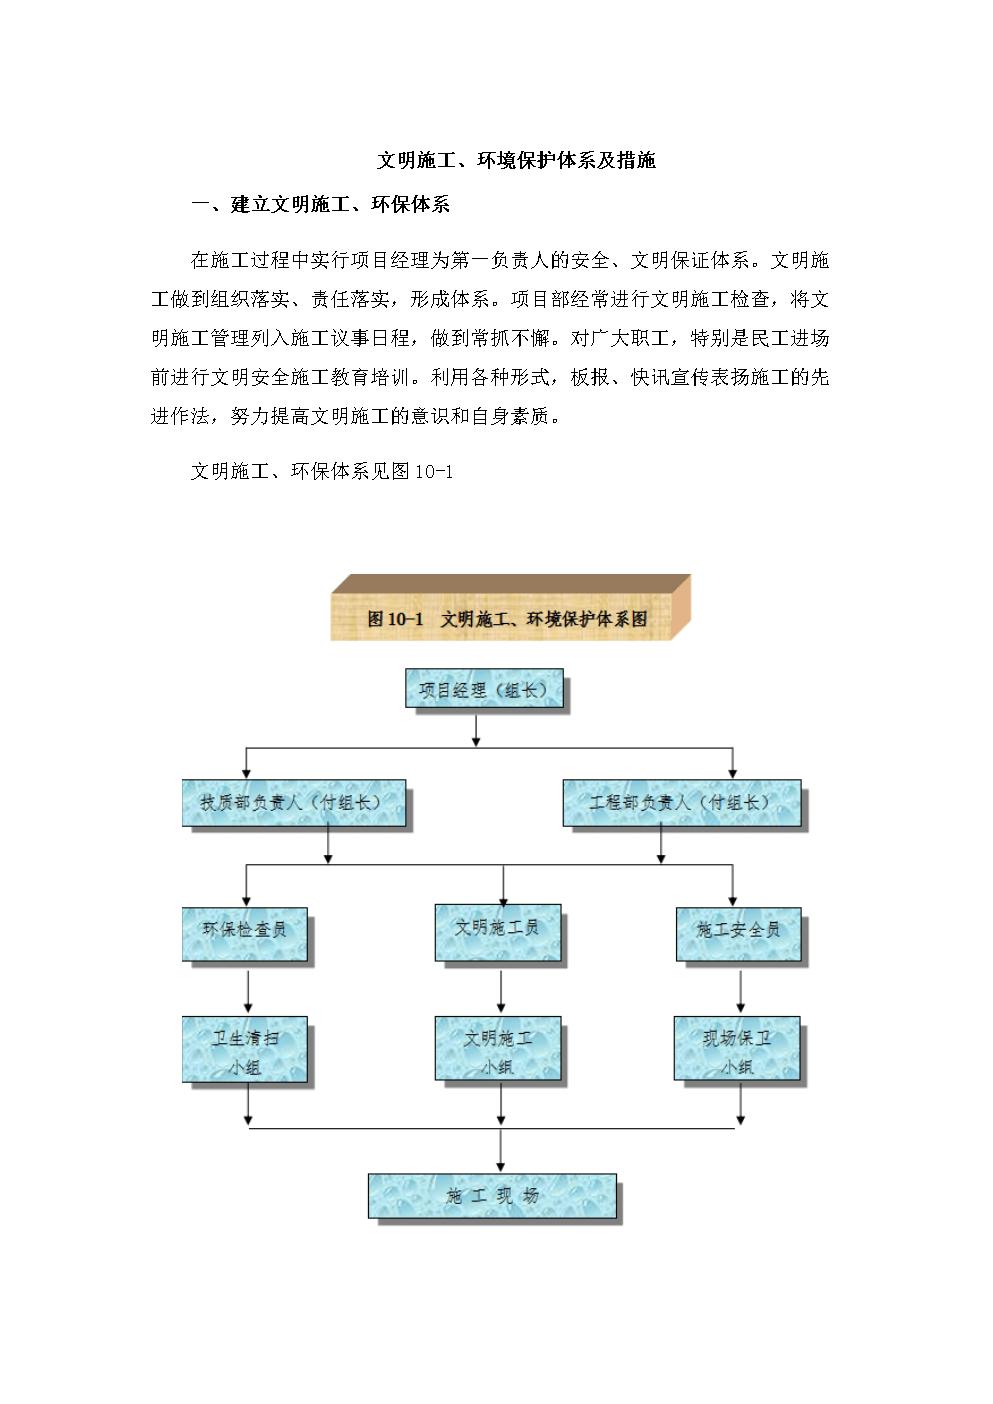 文明施工环境保护体系及措施.docx